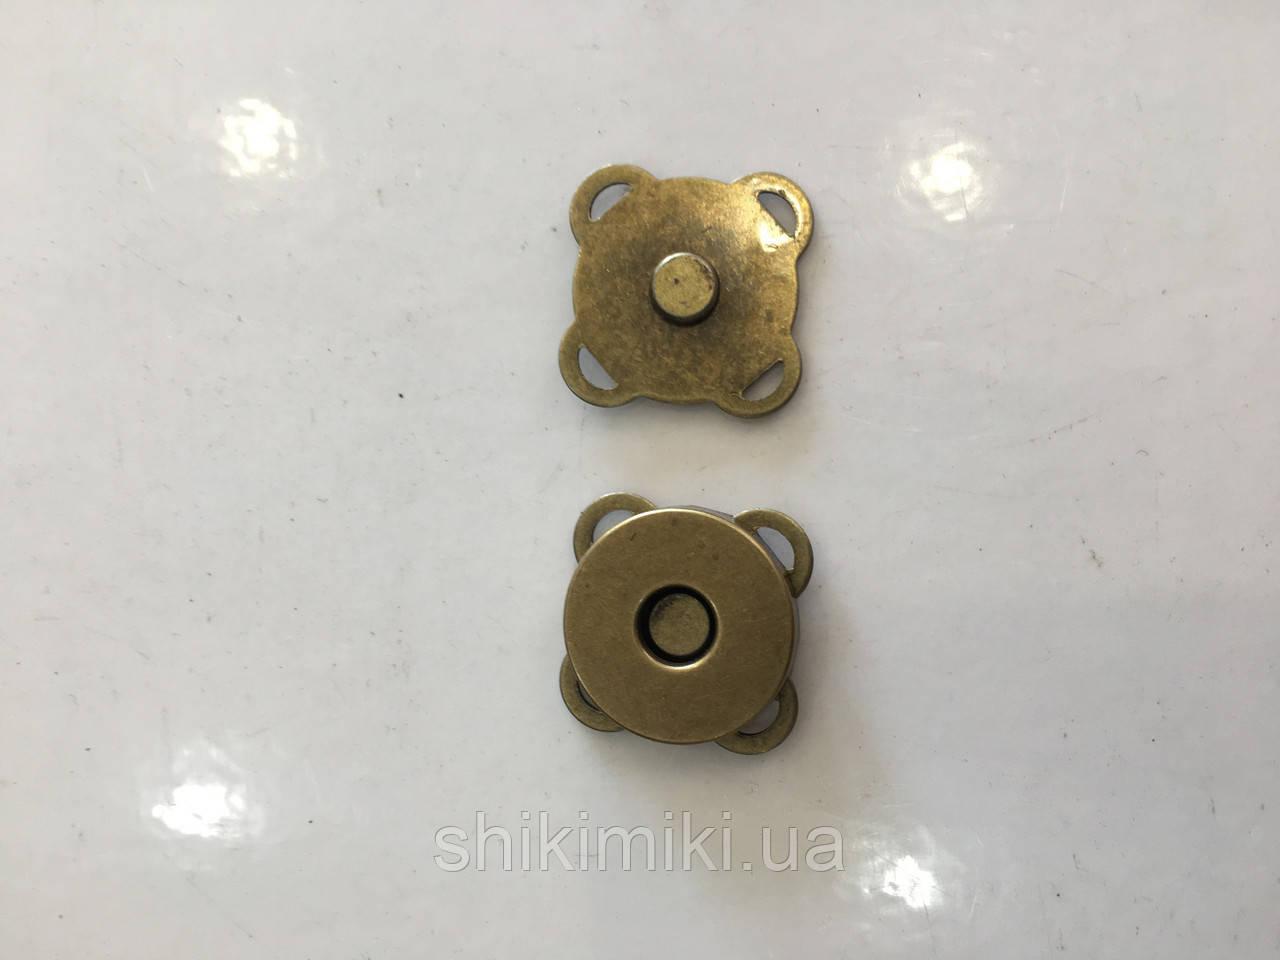 Магнитные кнопки пришивные 18 мм MP01-4, цвет антик